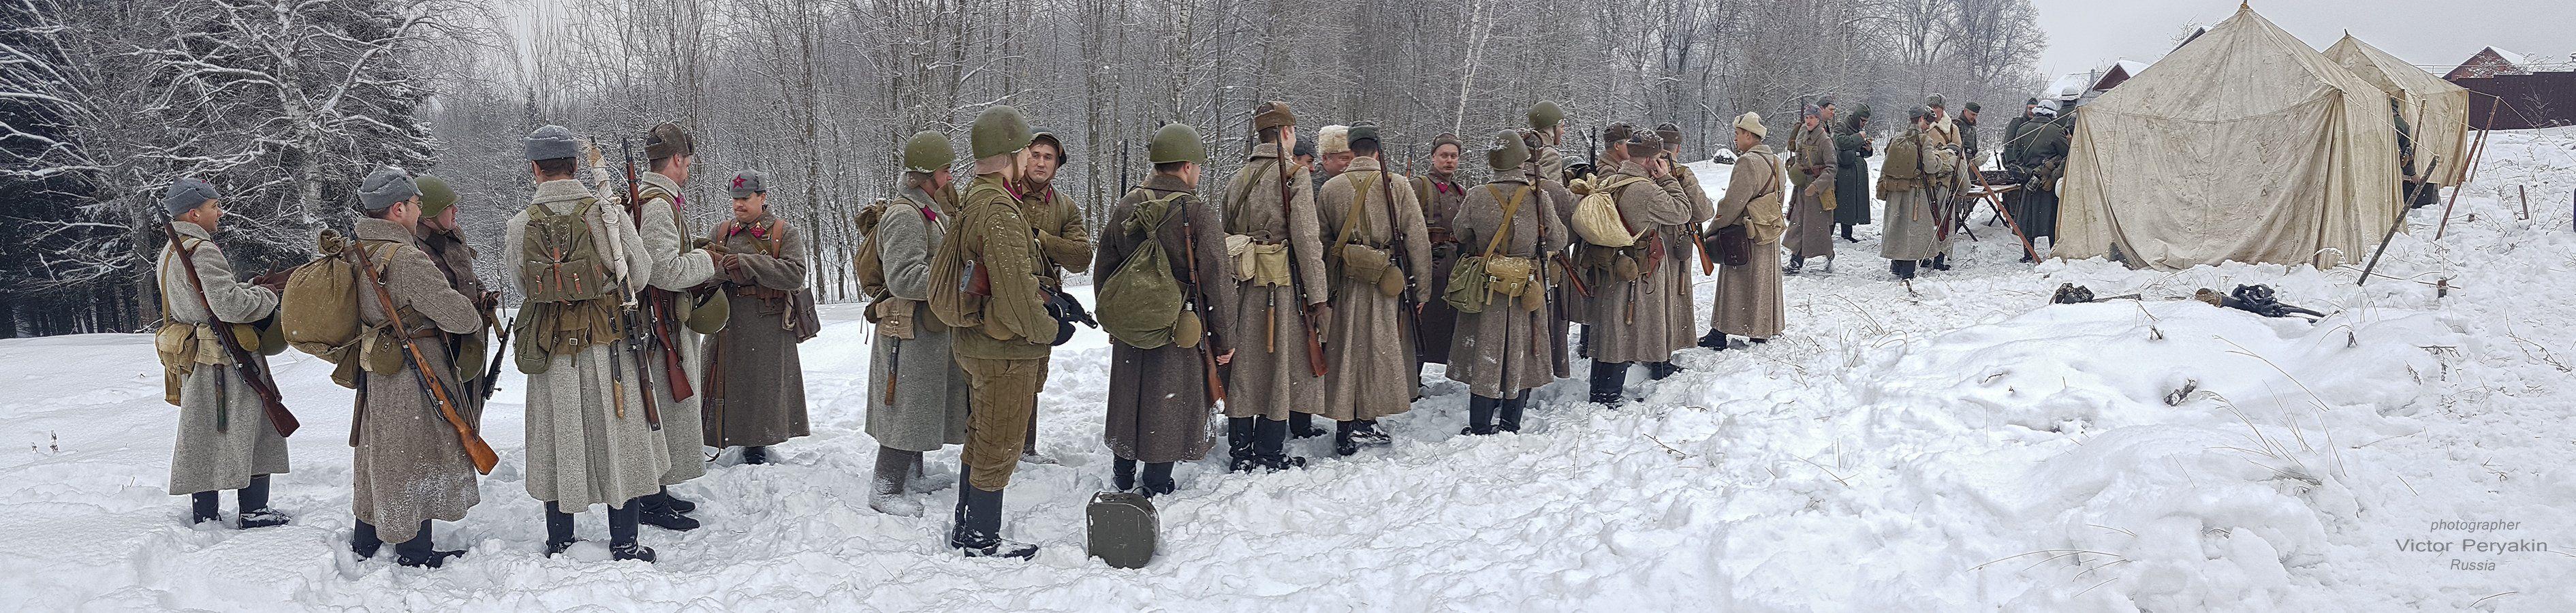 Перемиловская высота война реконструкция герои память, Виктор Перякин